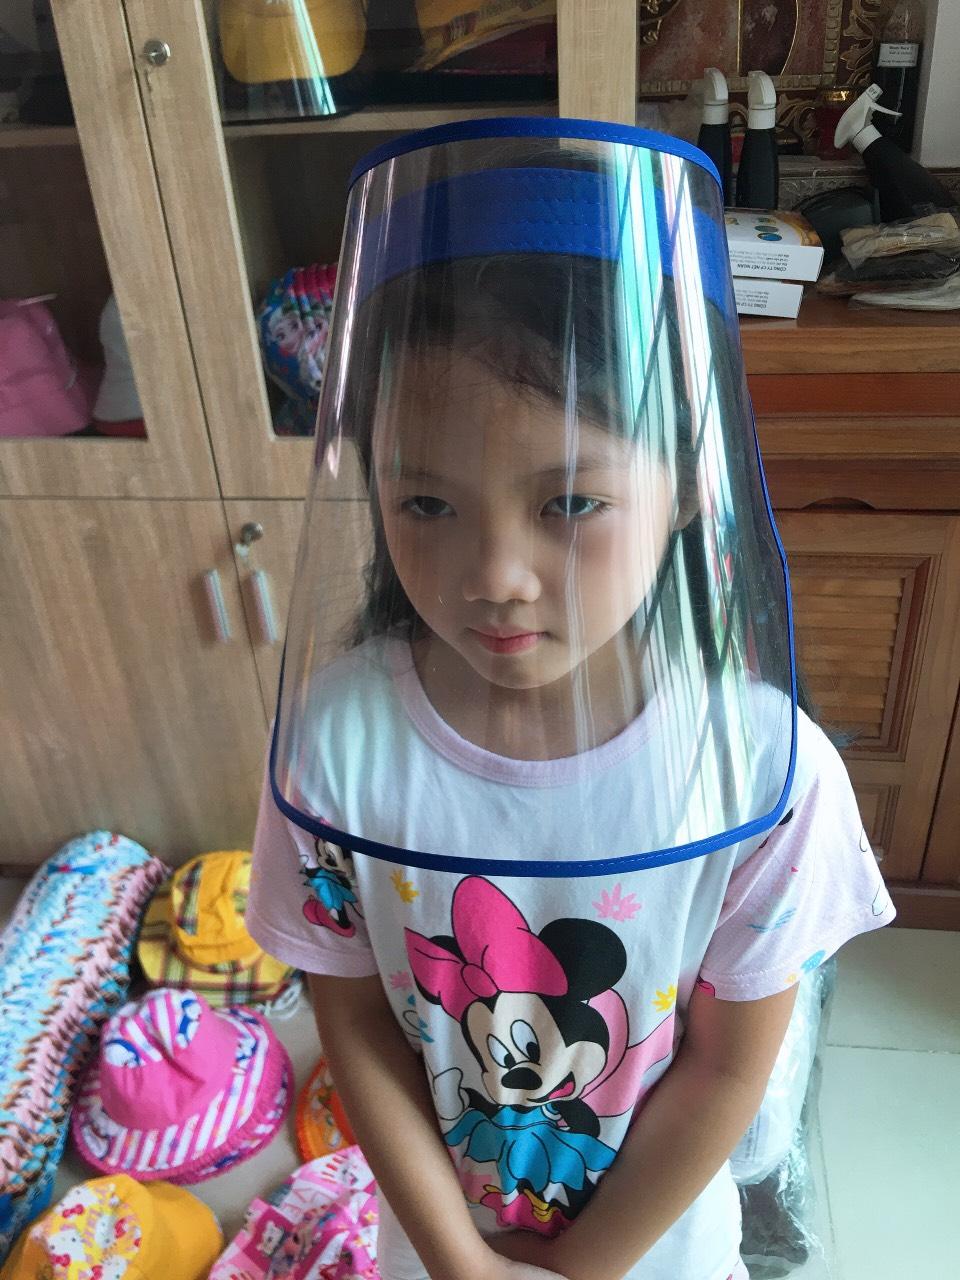 Vành Nhựa Chống Dịch Loại Đơn Giản Dành Cho Trẻ Em. 9